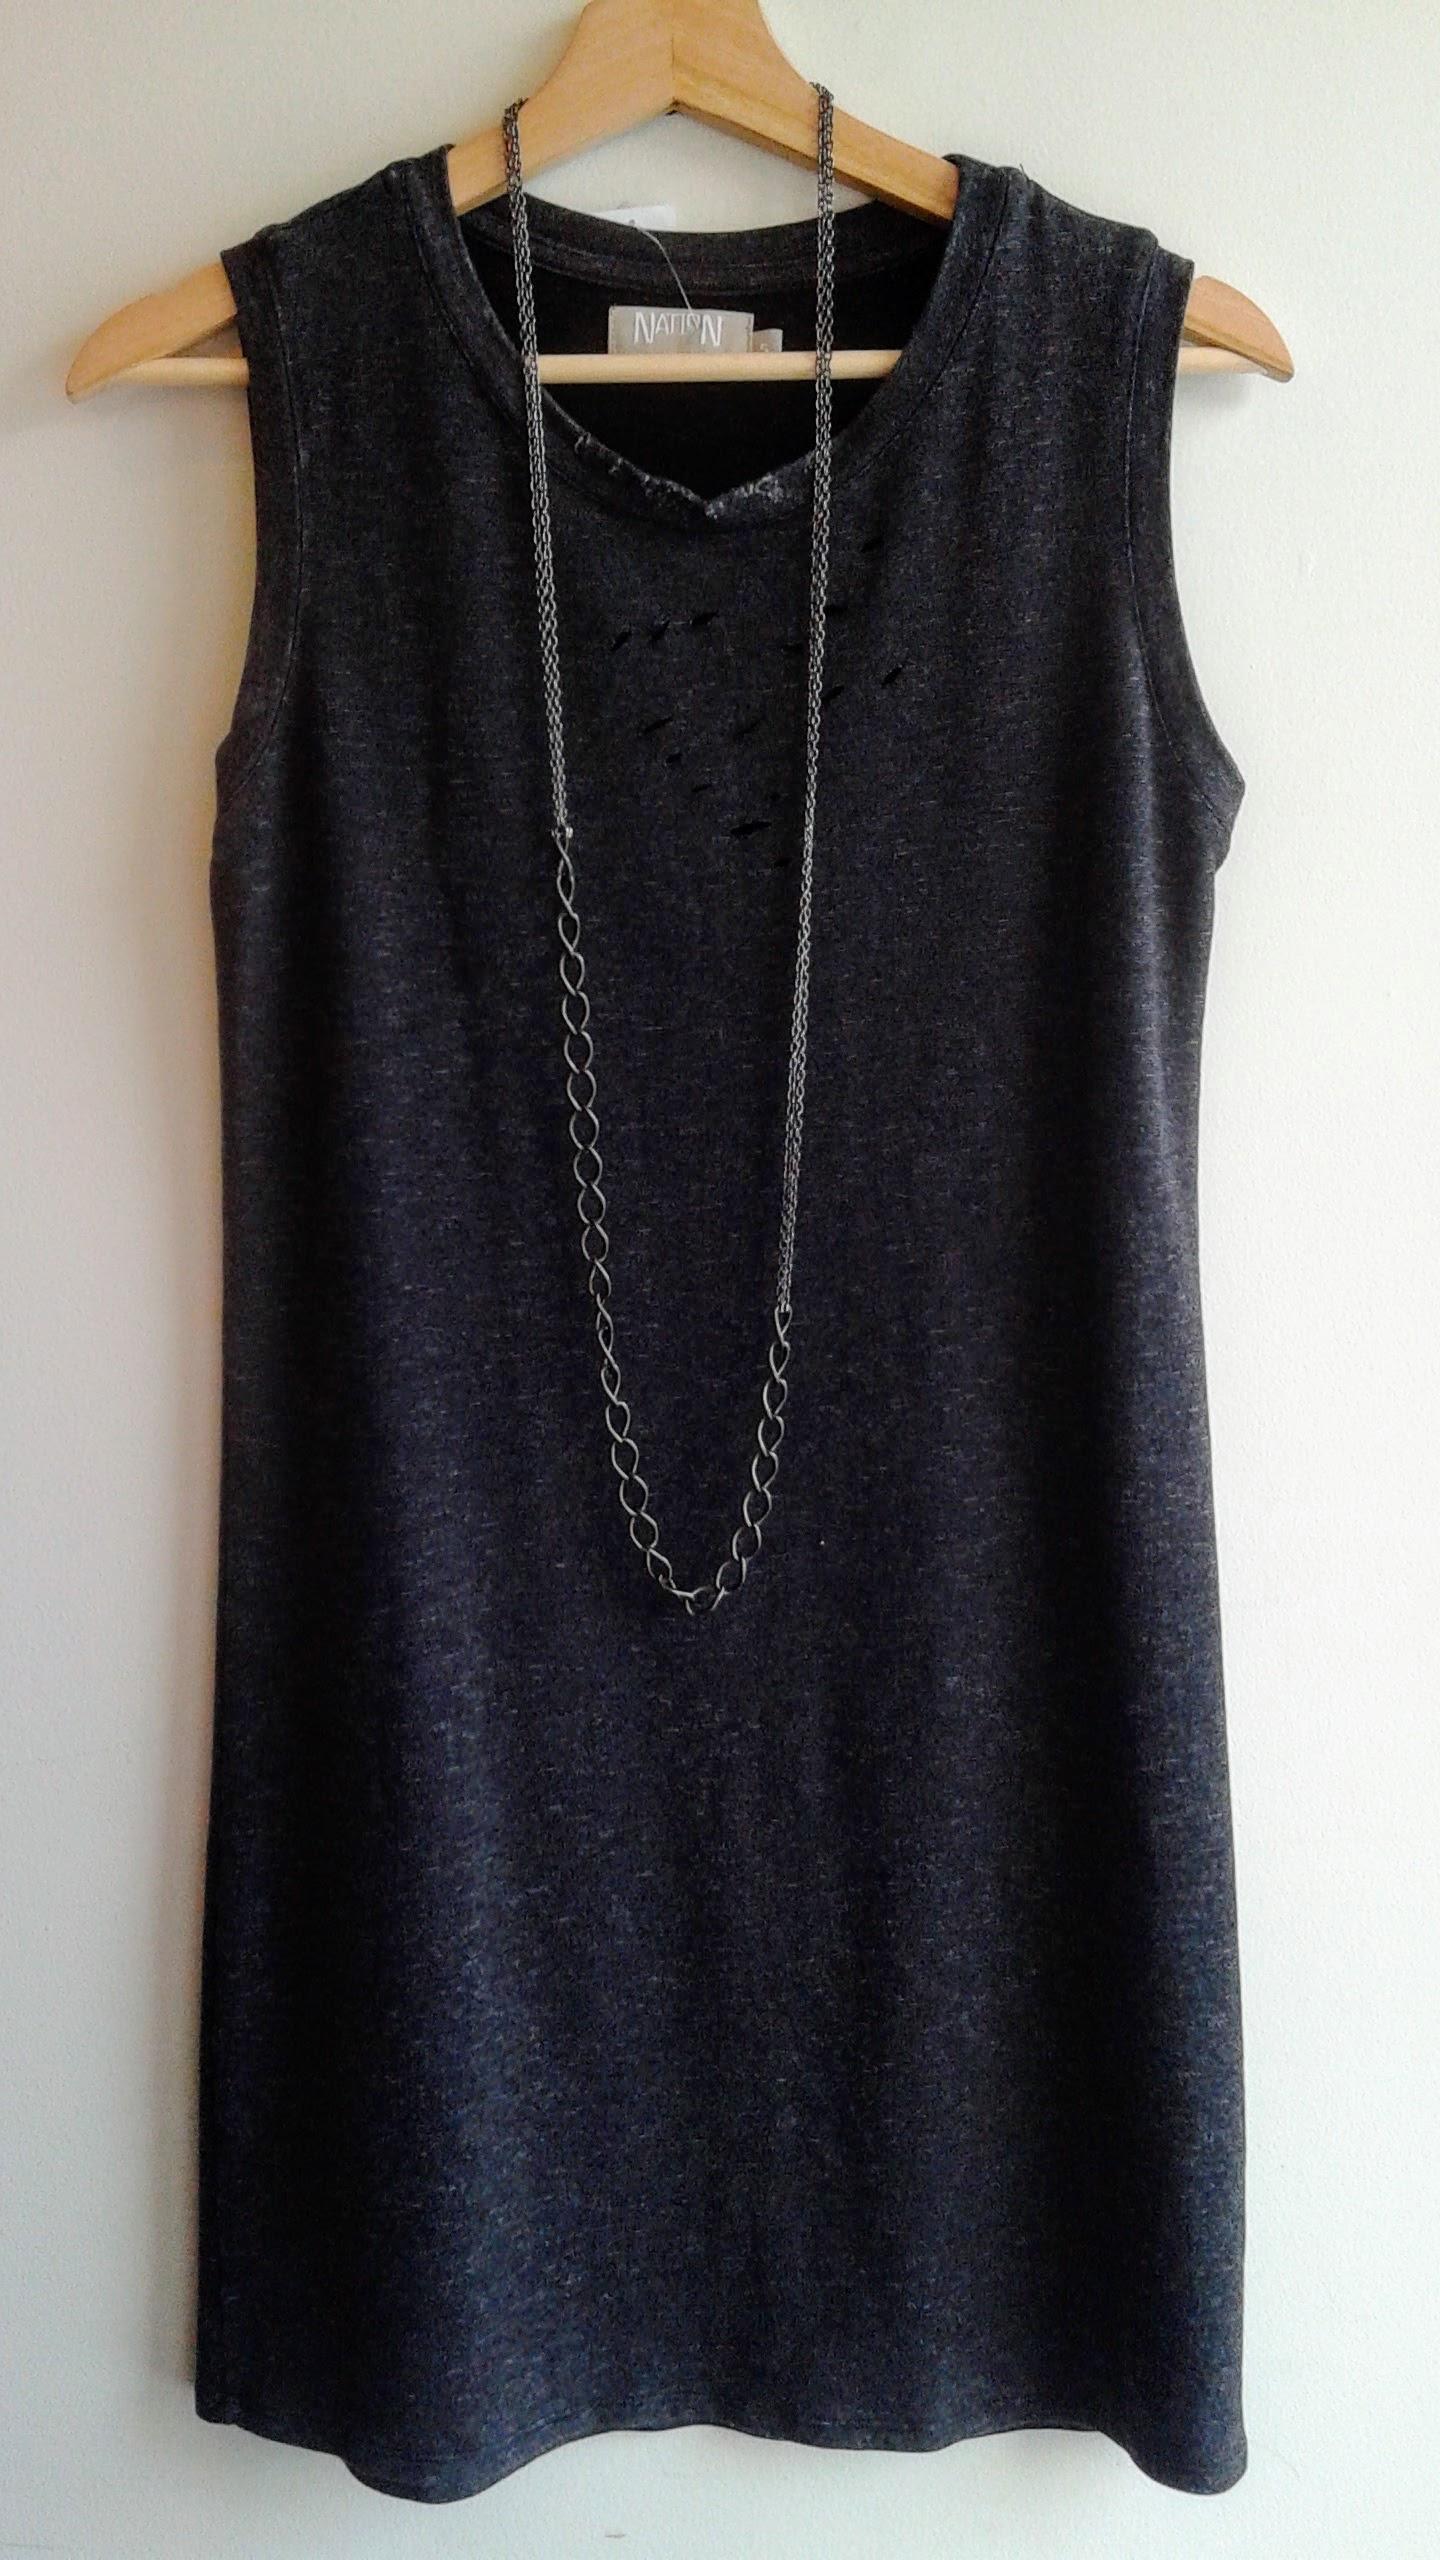 Nation dress; Size S. $26; Necklace, $14